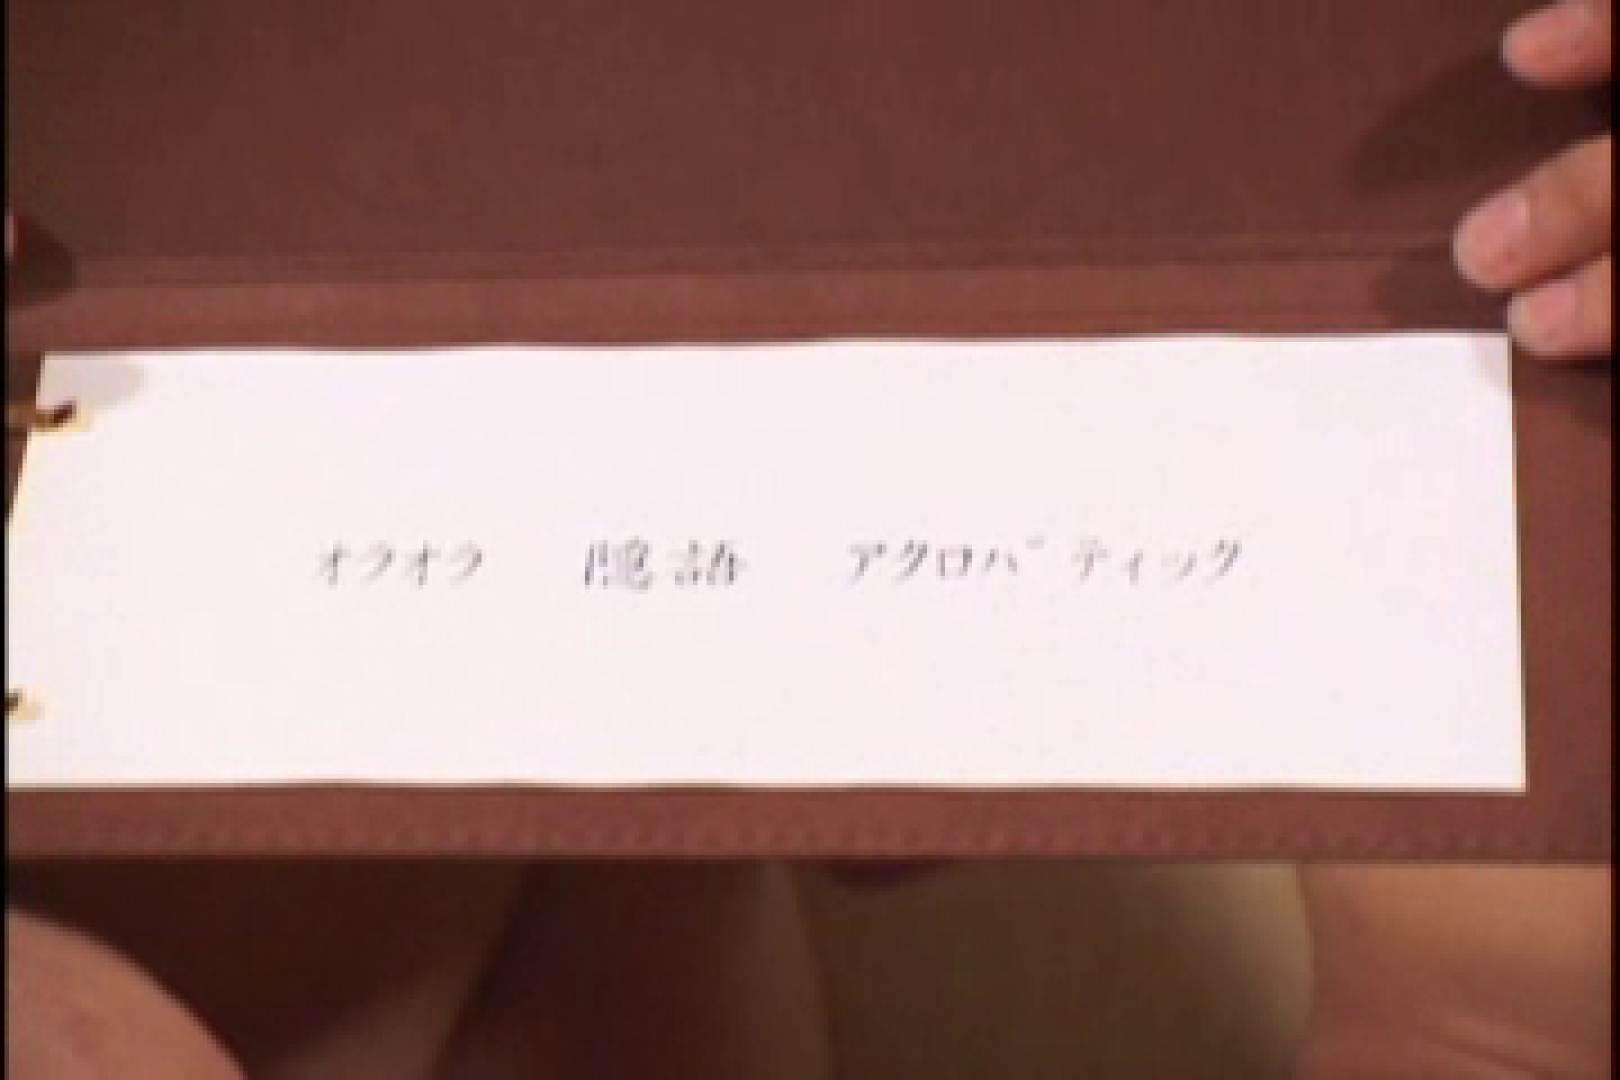 イケメンズEYE!男目線の本番vol.04 男天国 | 複数プレイ  82pic 30